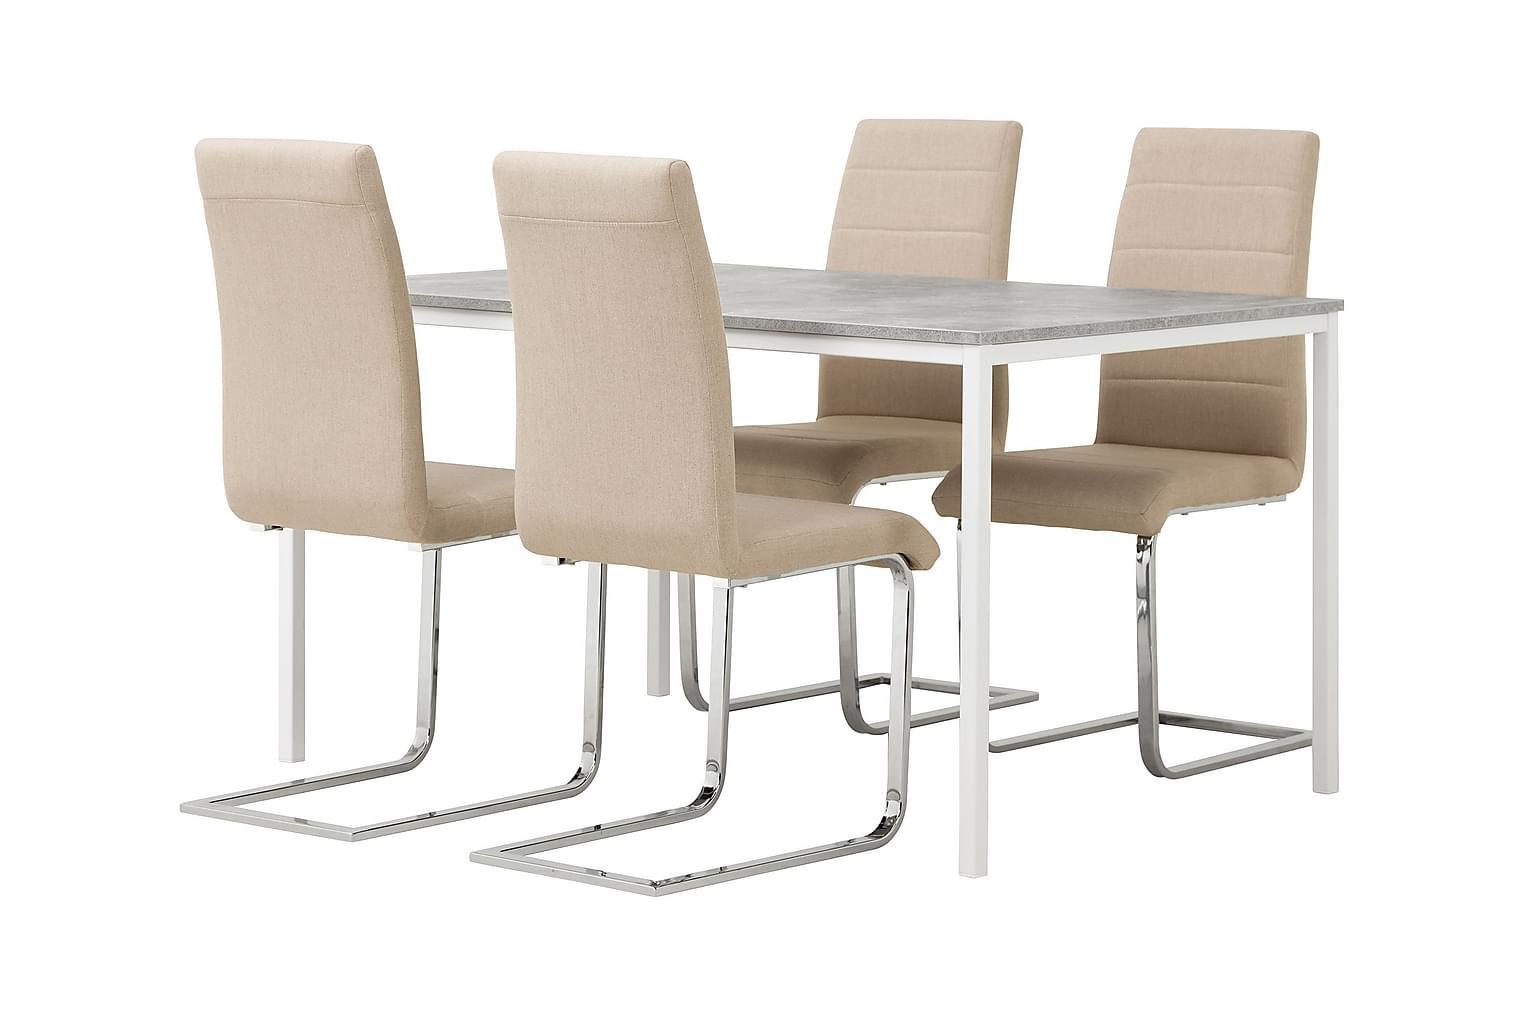 NOOMI Pöytä 138 Harmaa/valkoinen+ 4 EMÅN Tuolia Beige